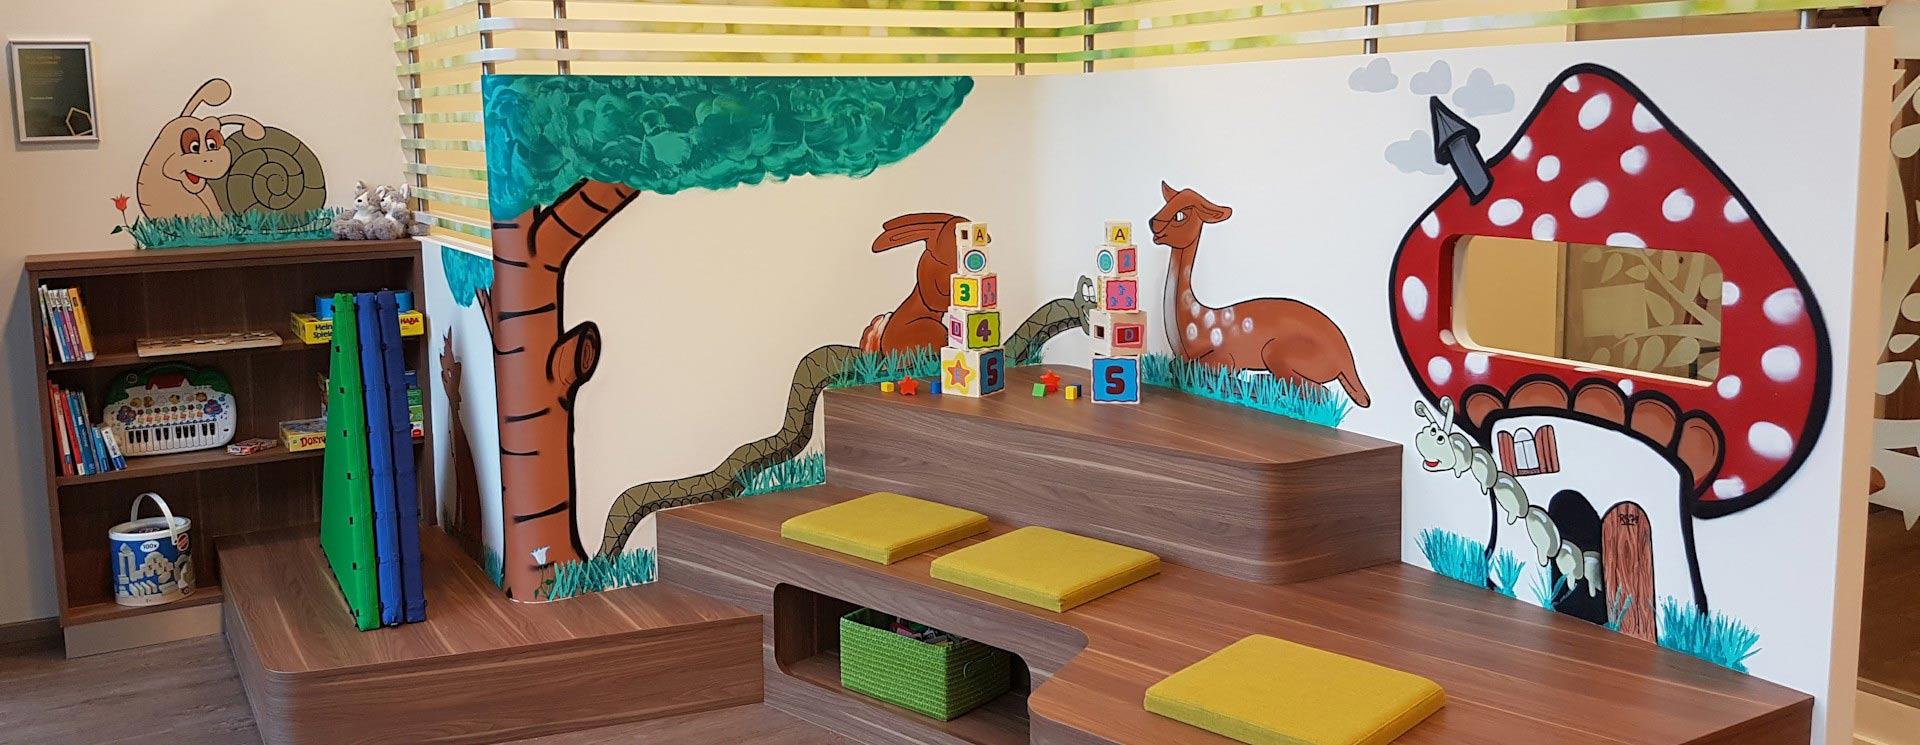 infos f r eltern mcdonald 39 s kinderhilfe. Black Bedroom Furniture Sets. Home Design Ideas